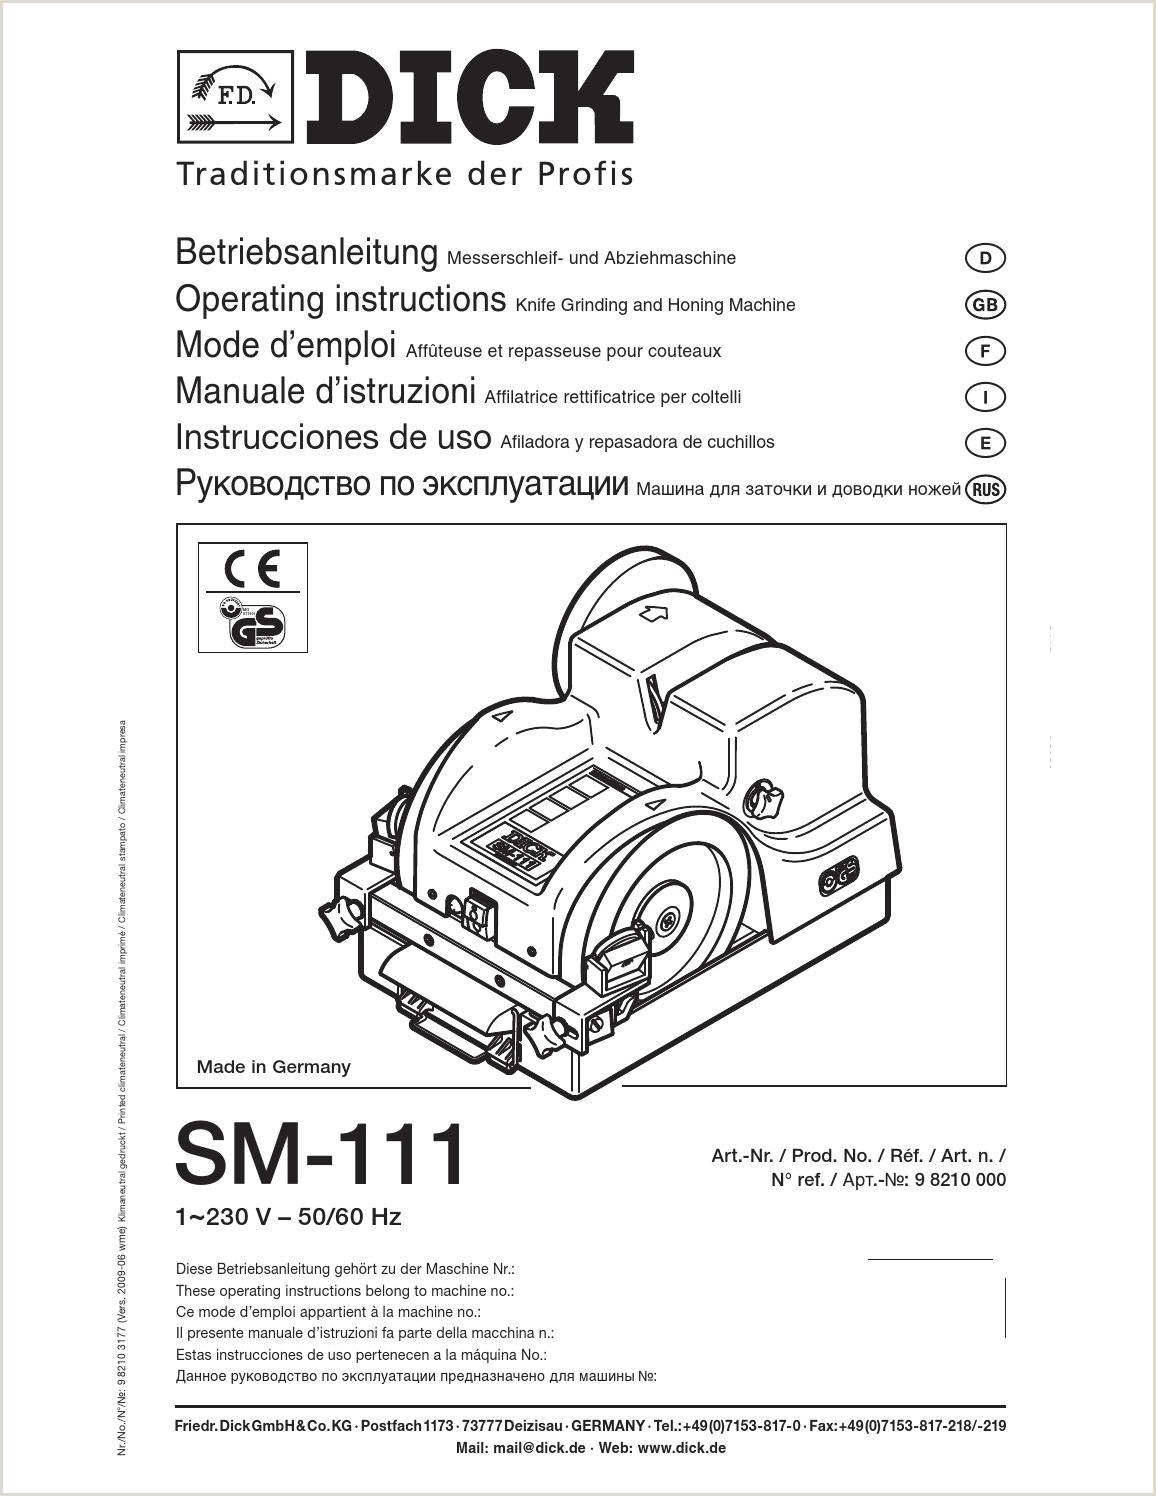 Como Hacer Una Hoja De Vida Manual Afiladora Sm 111 Dick by Food Technology Sa issuu